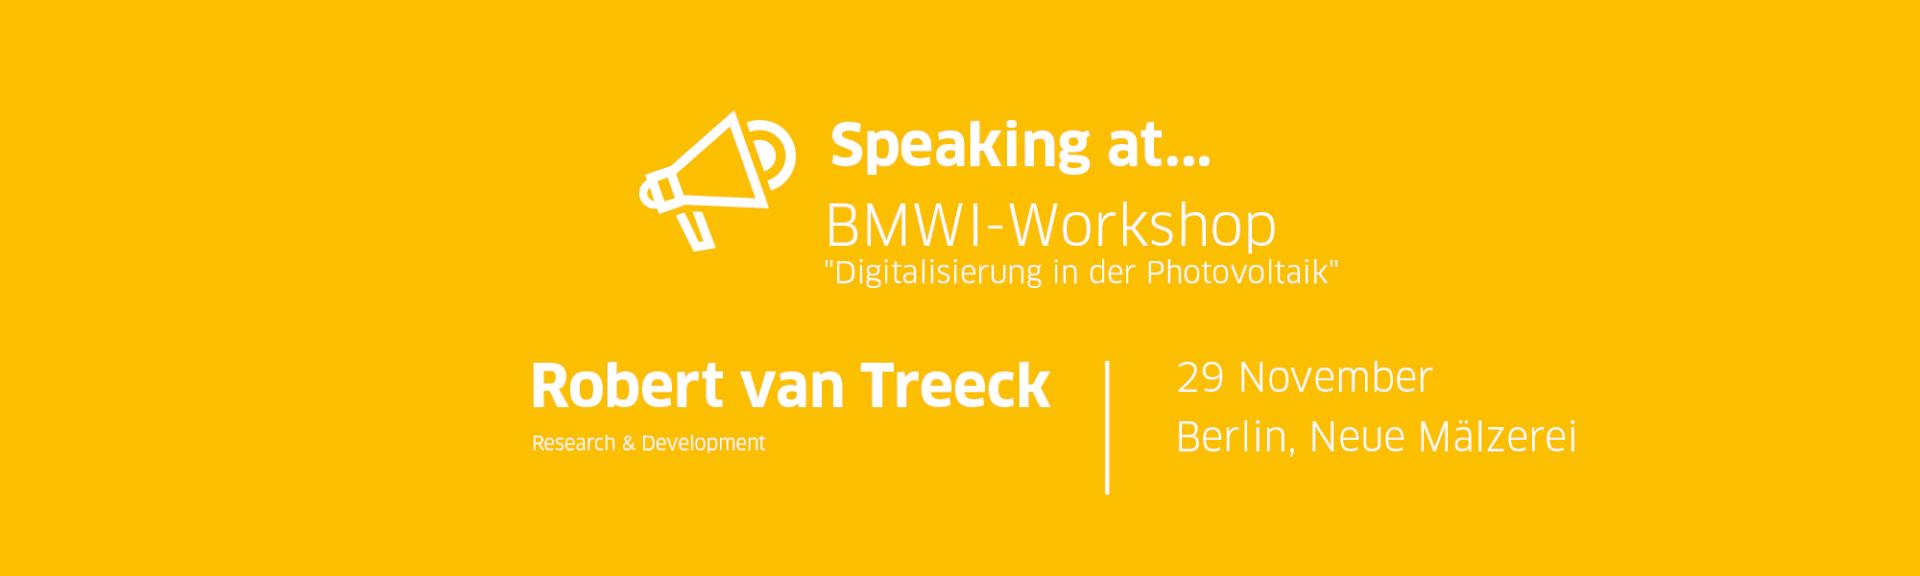 Robert van Treeck - BMWI-Workshop